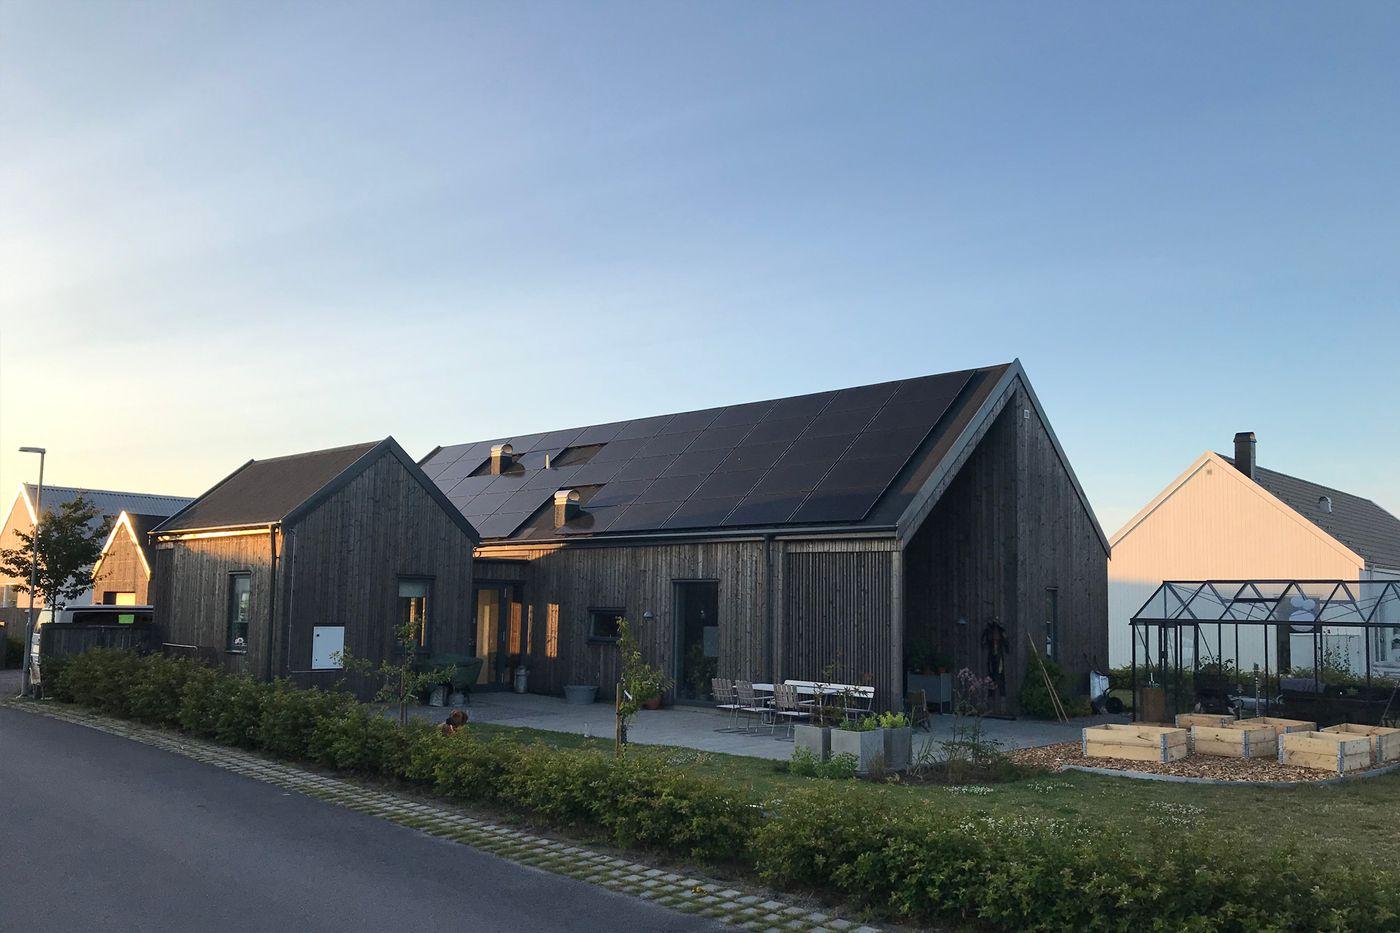 Svea solar - residential solar installation